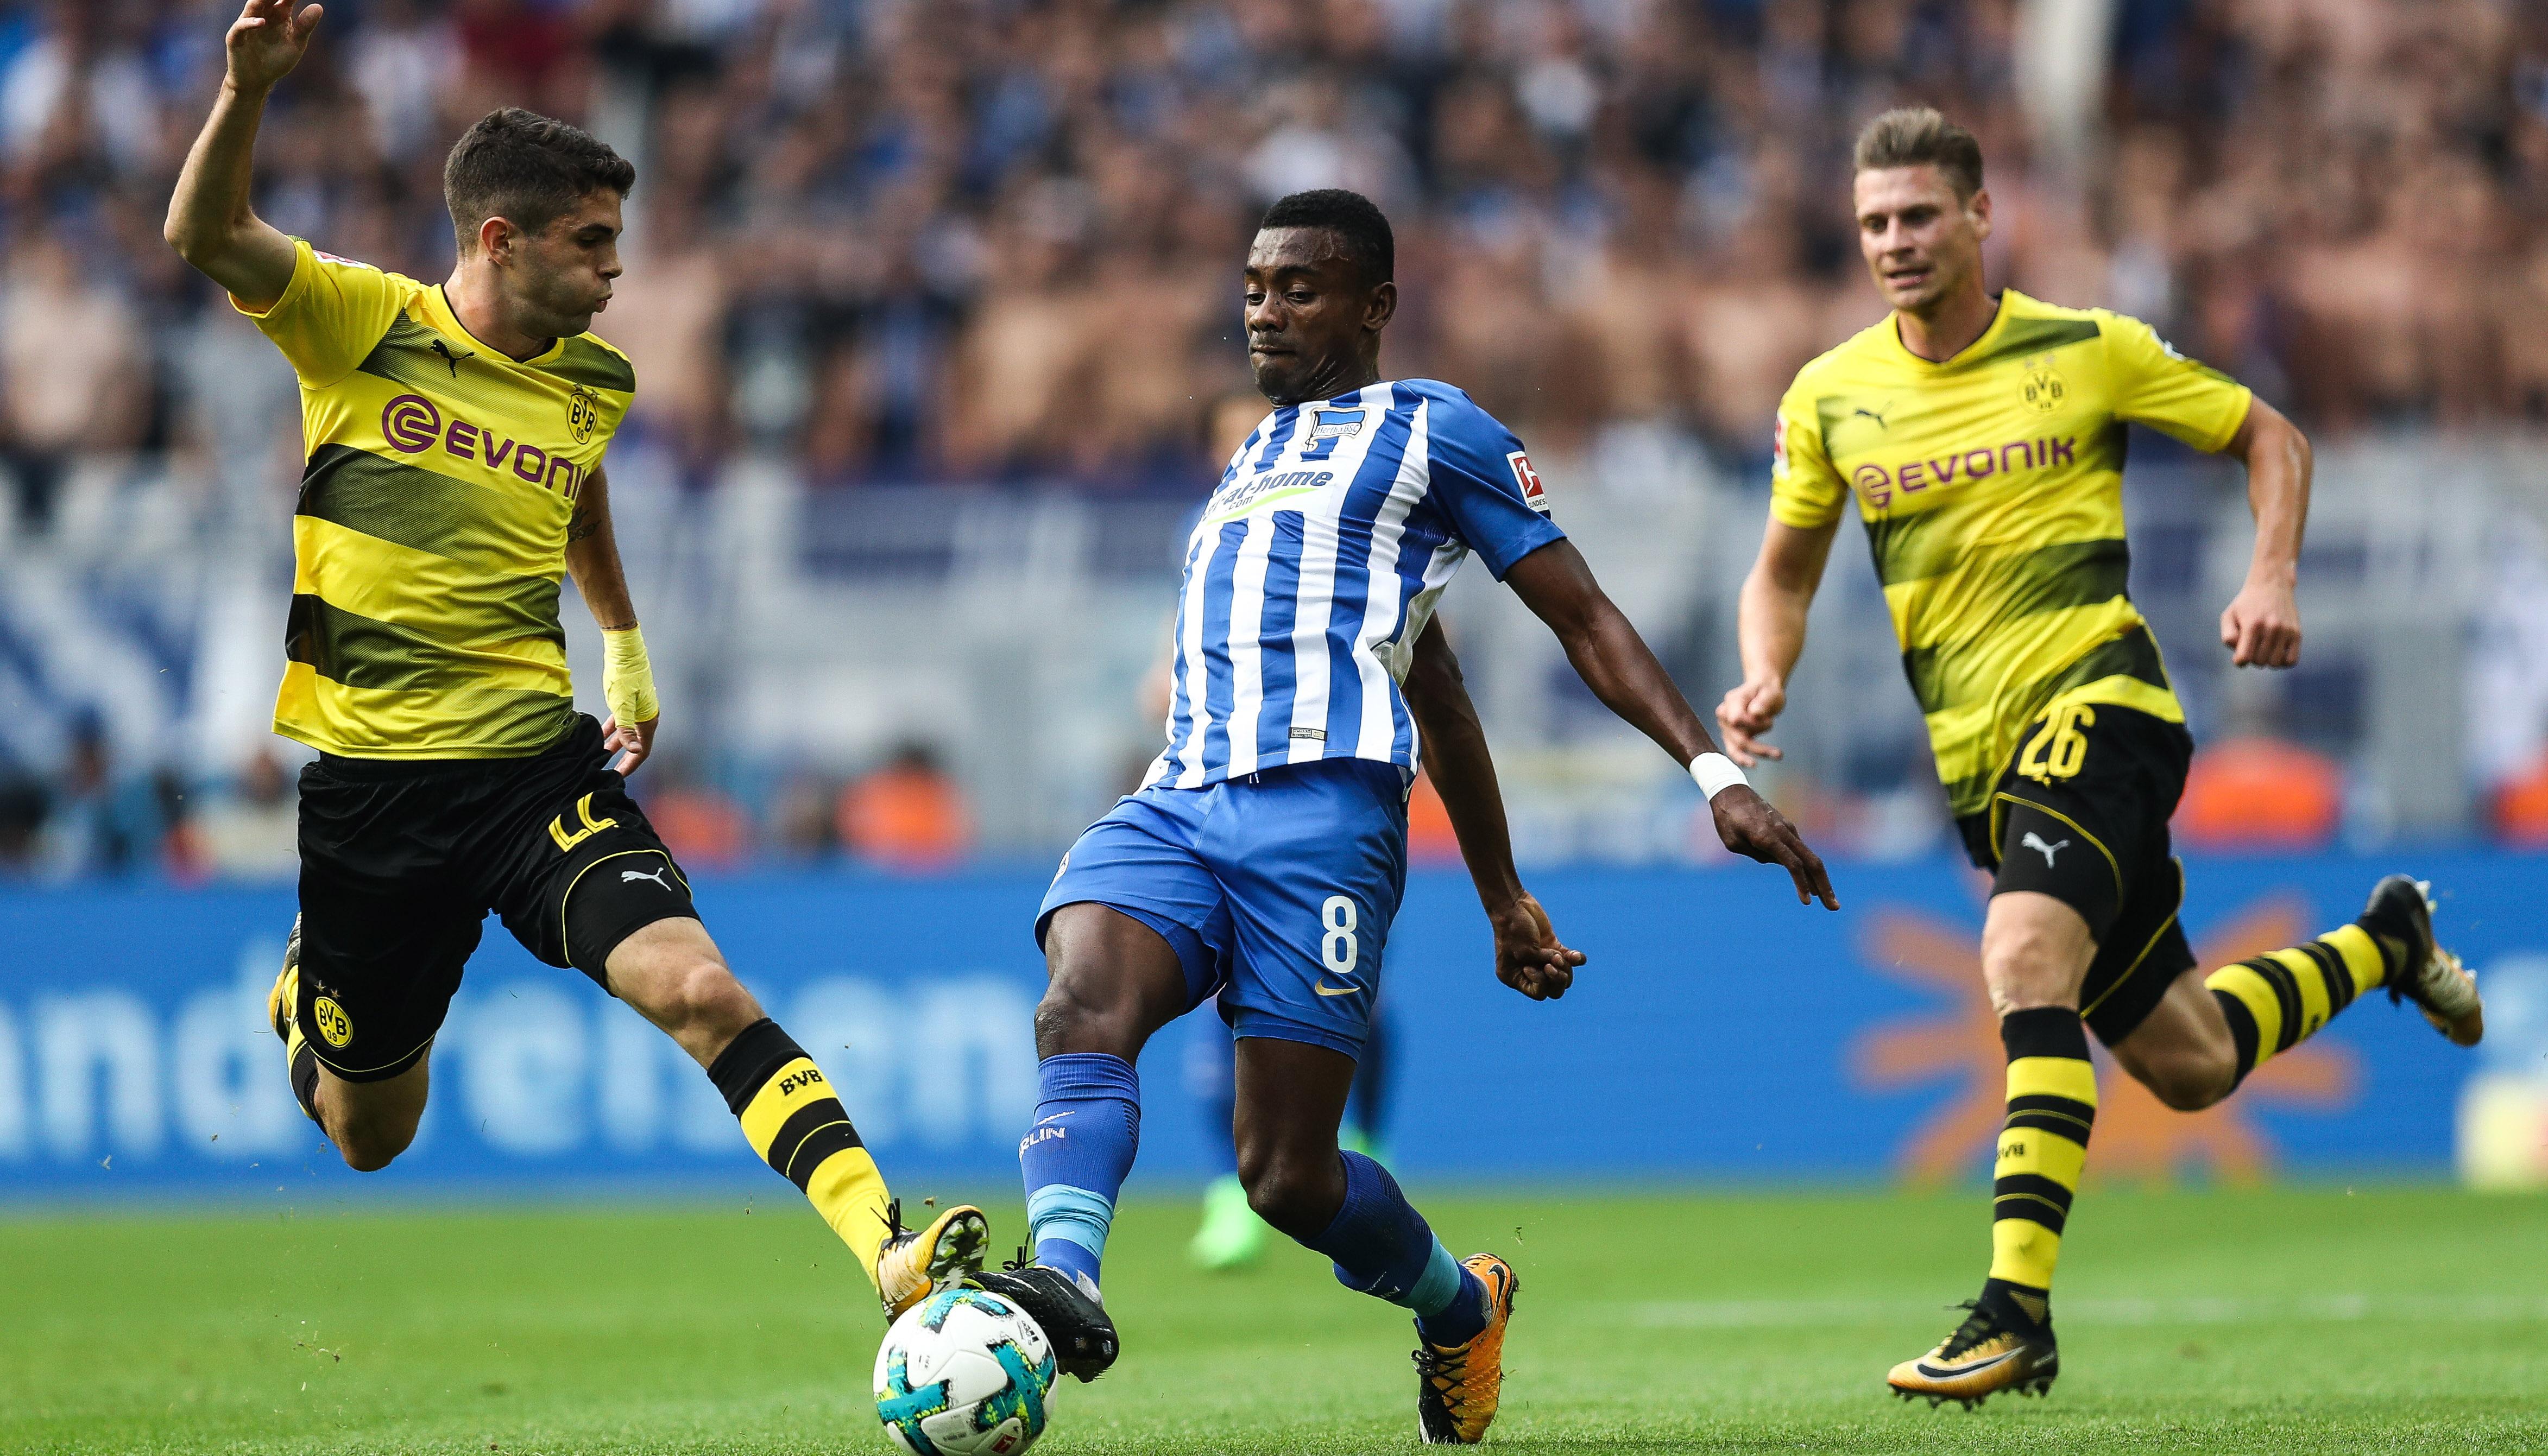 BVB – Hertha BSC: Eine harte Nuss für Schwarz-Gelb